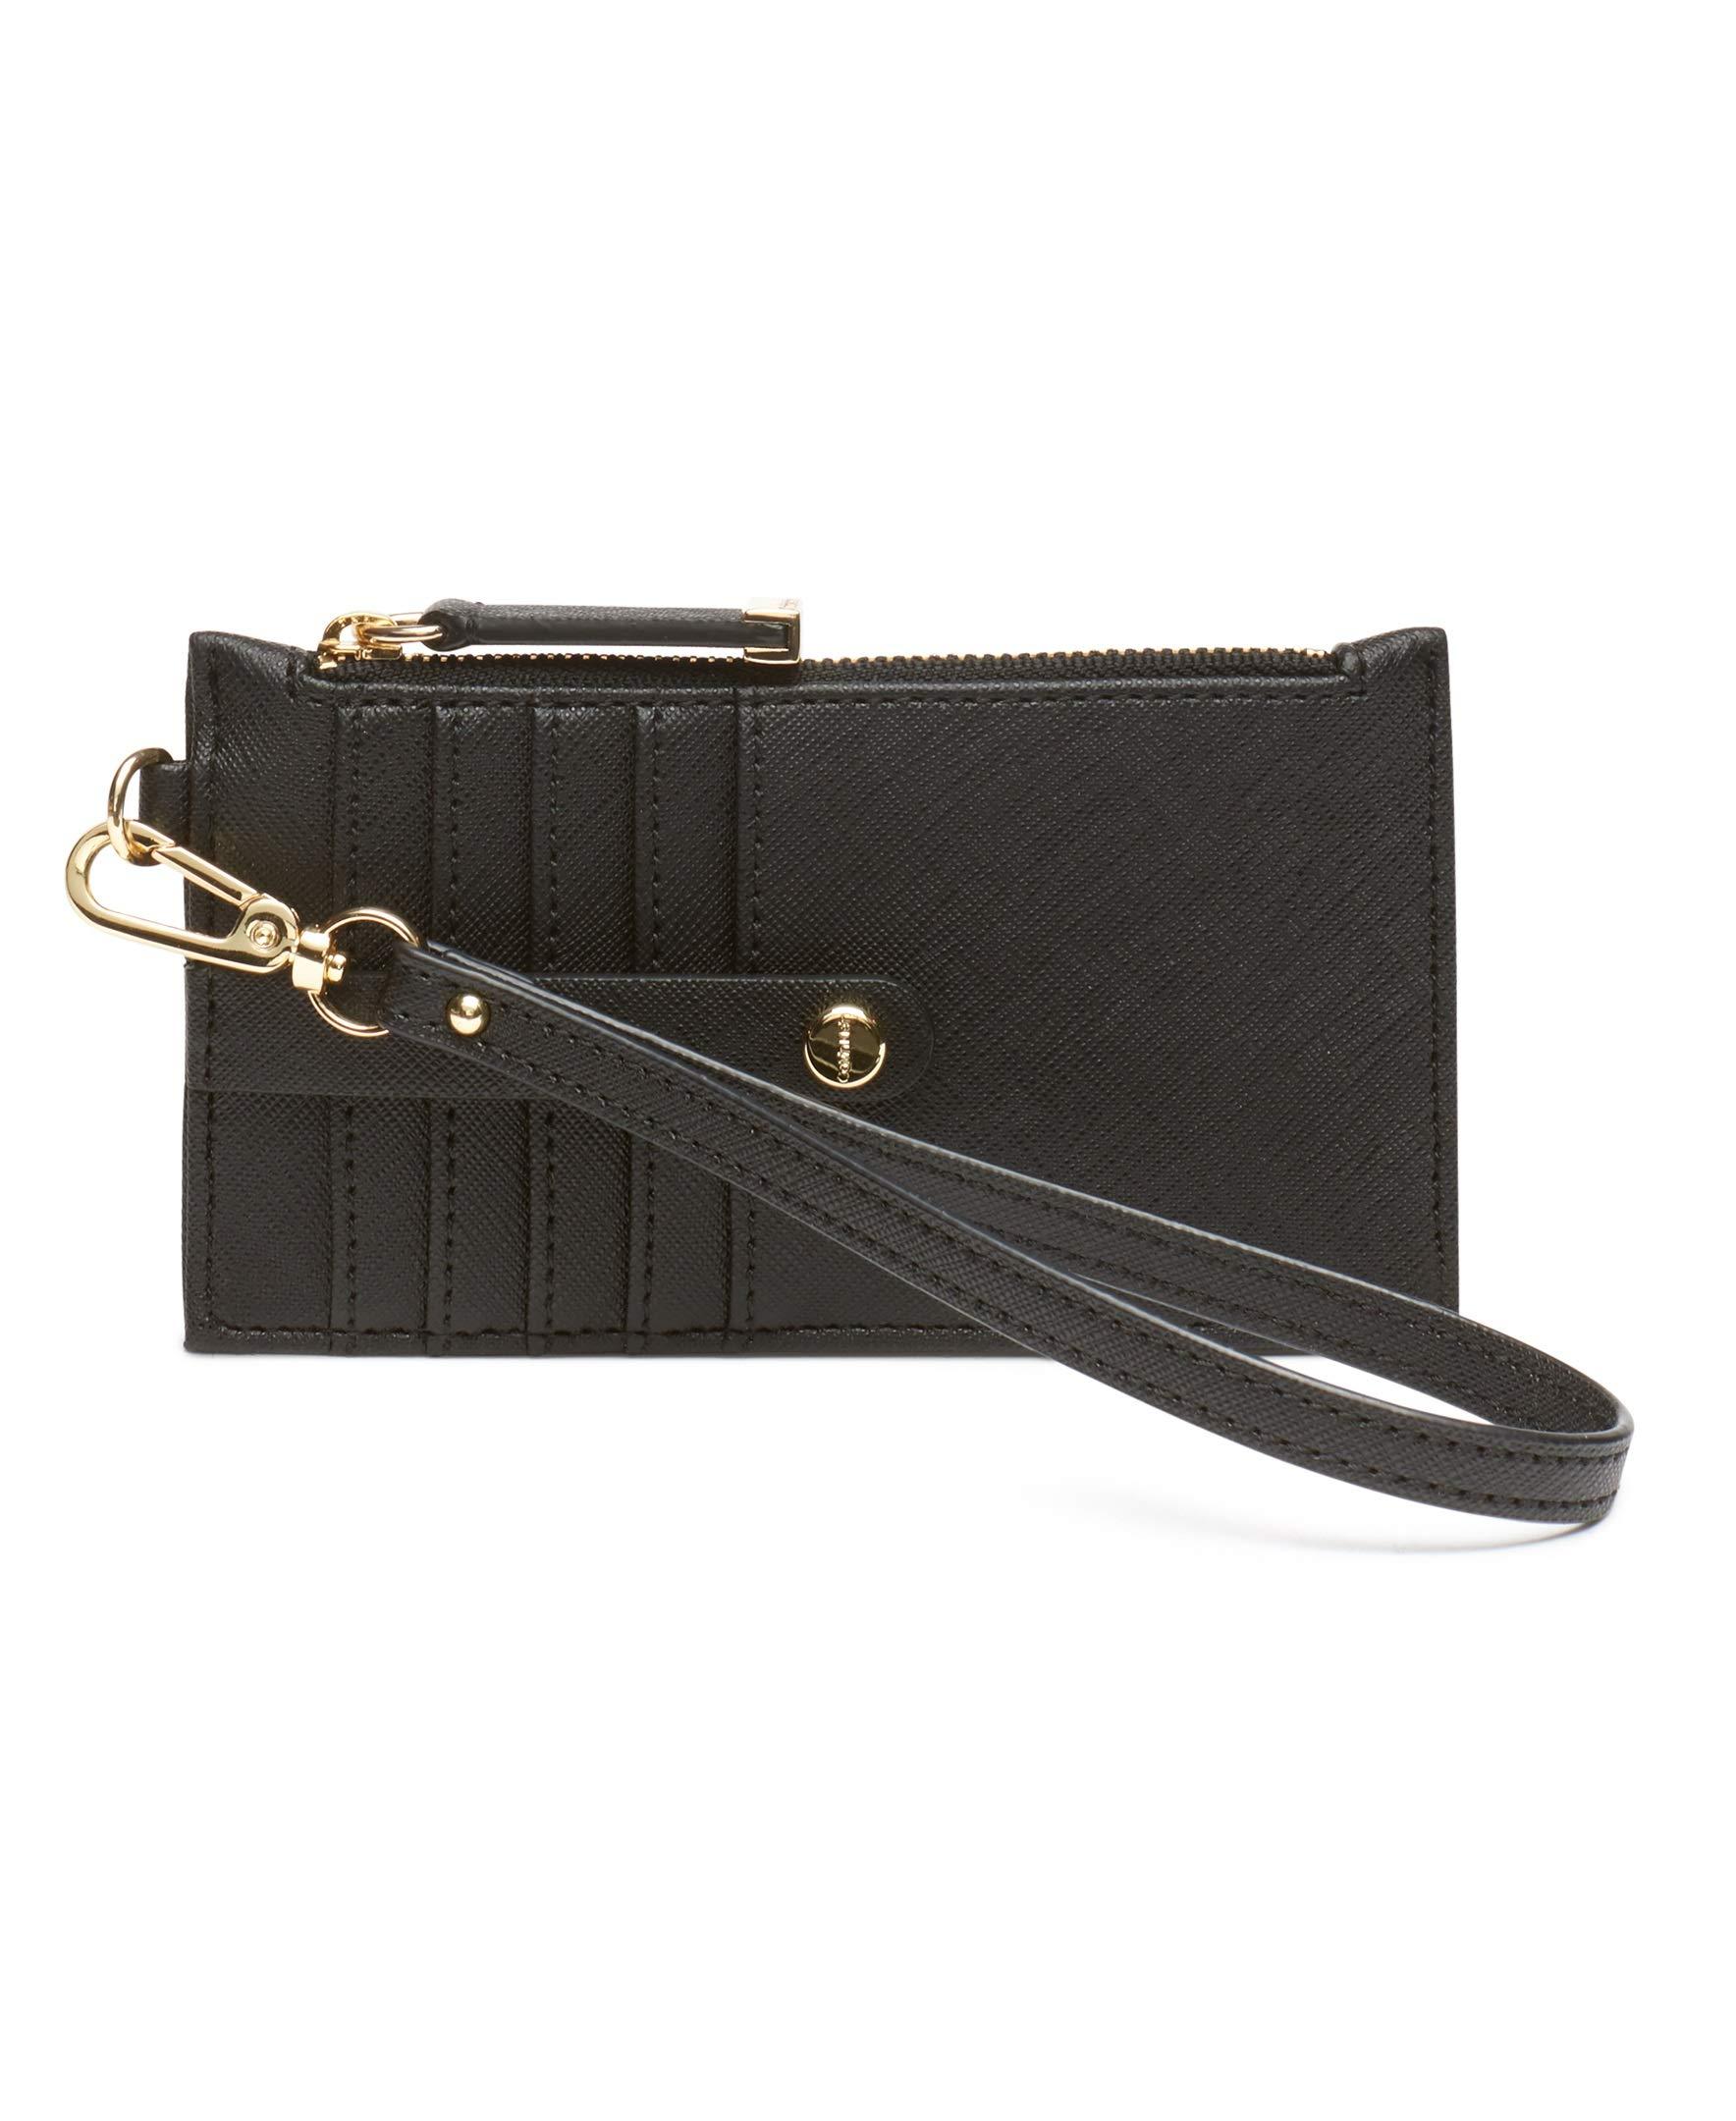 Calvin Klein Saffiano Card Case Wristlet